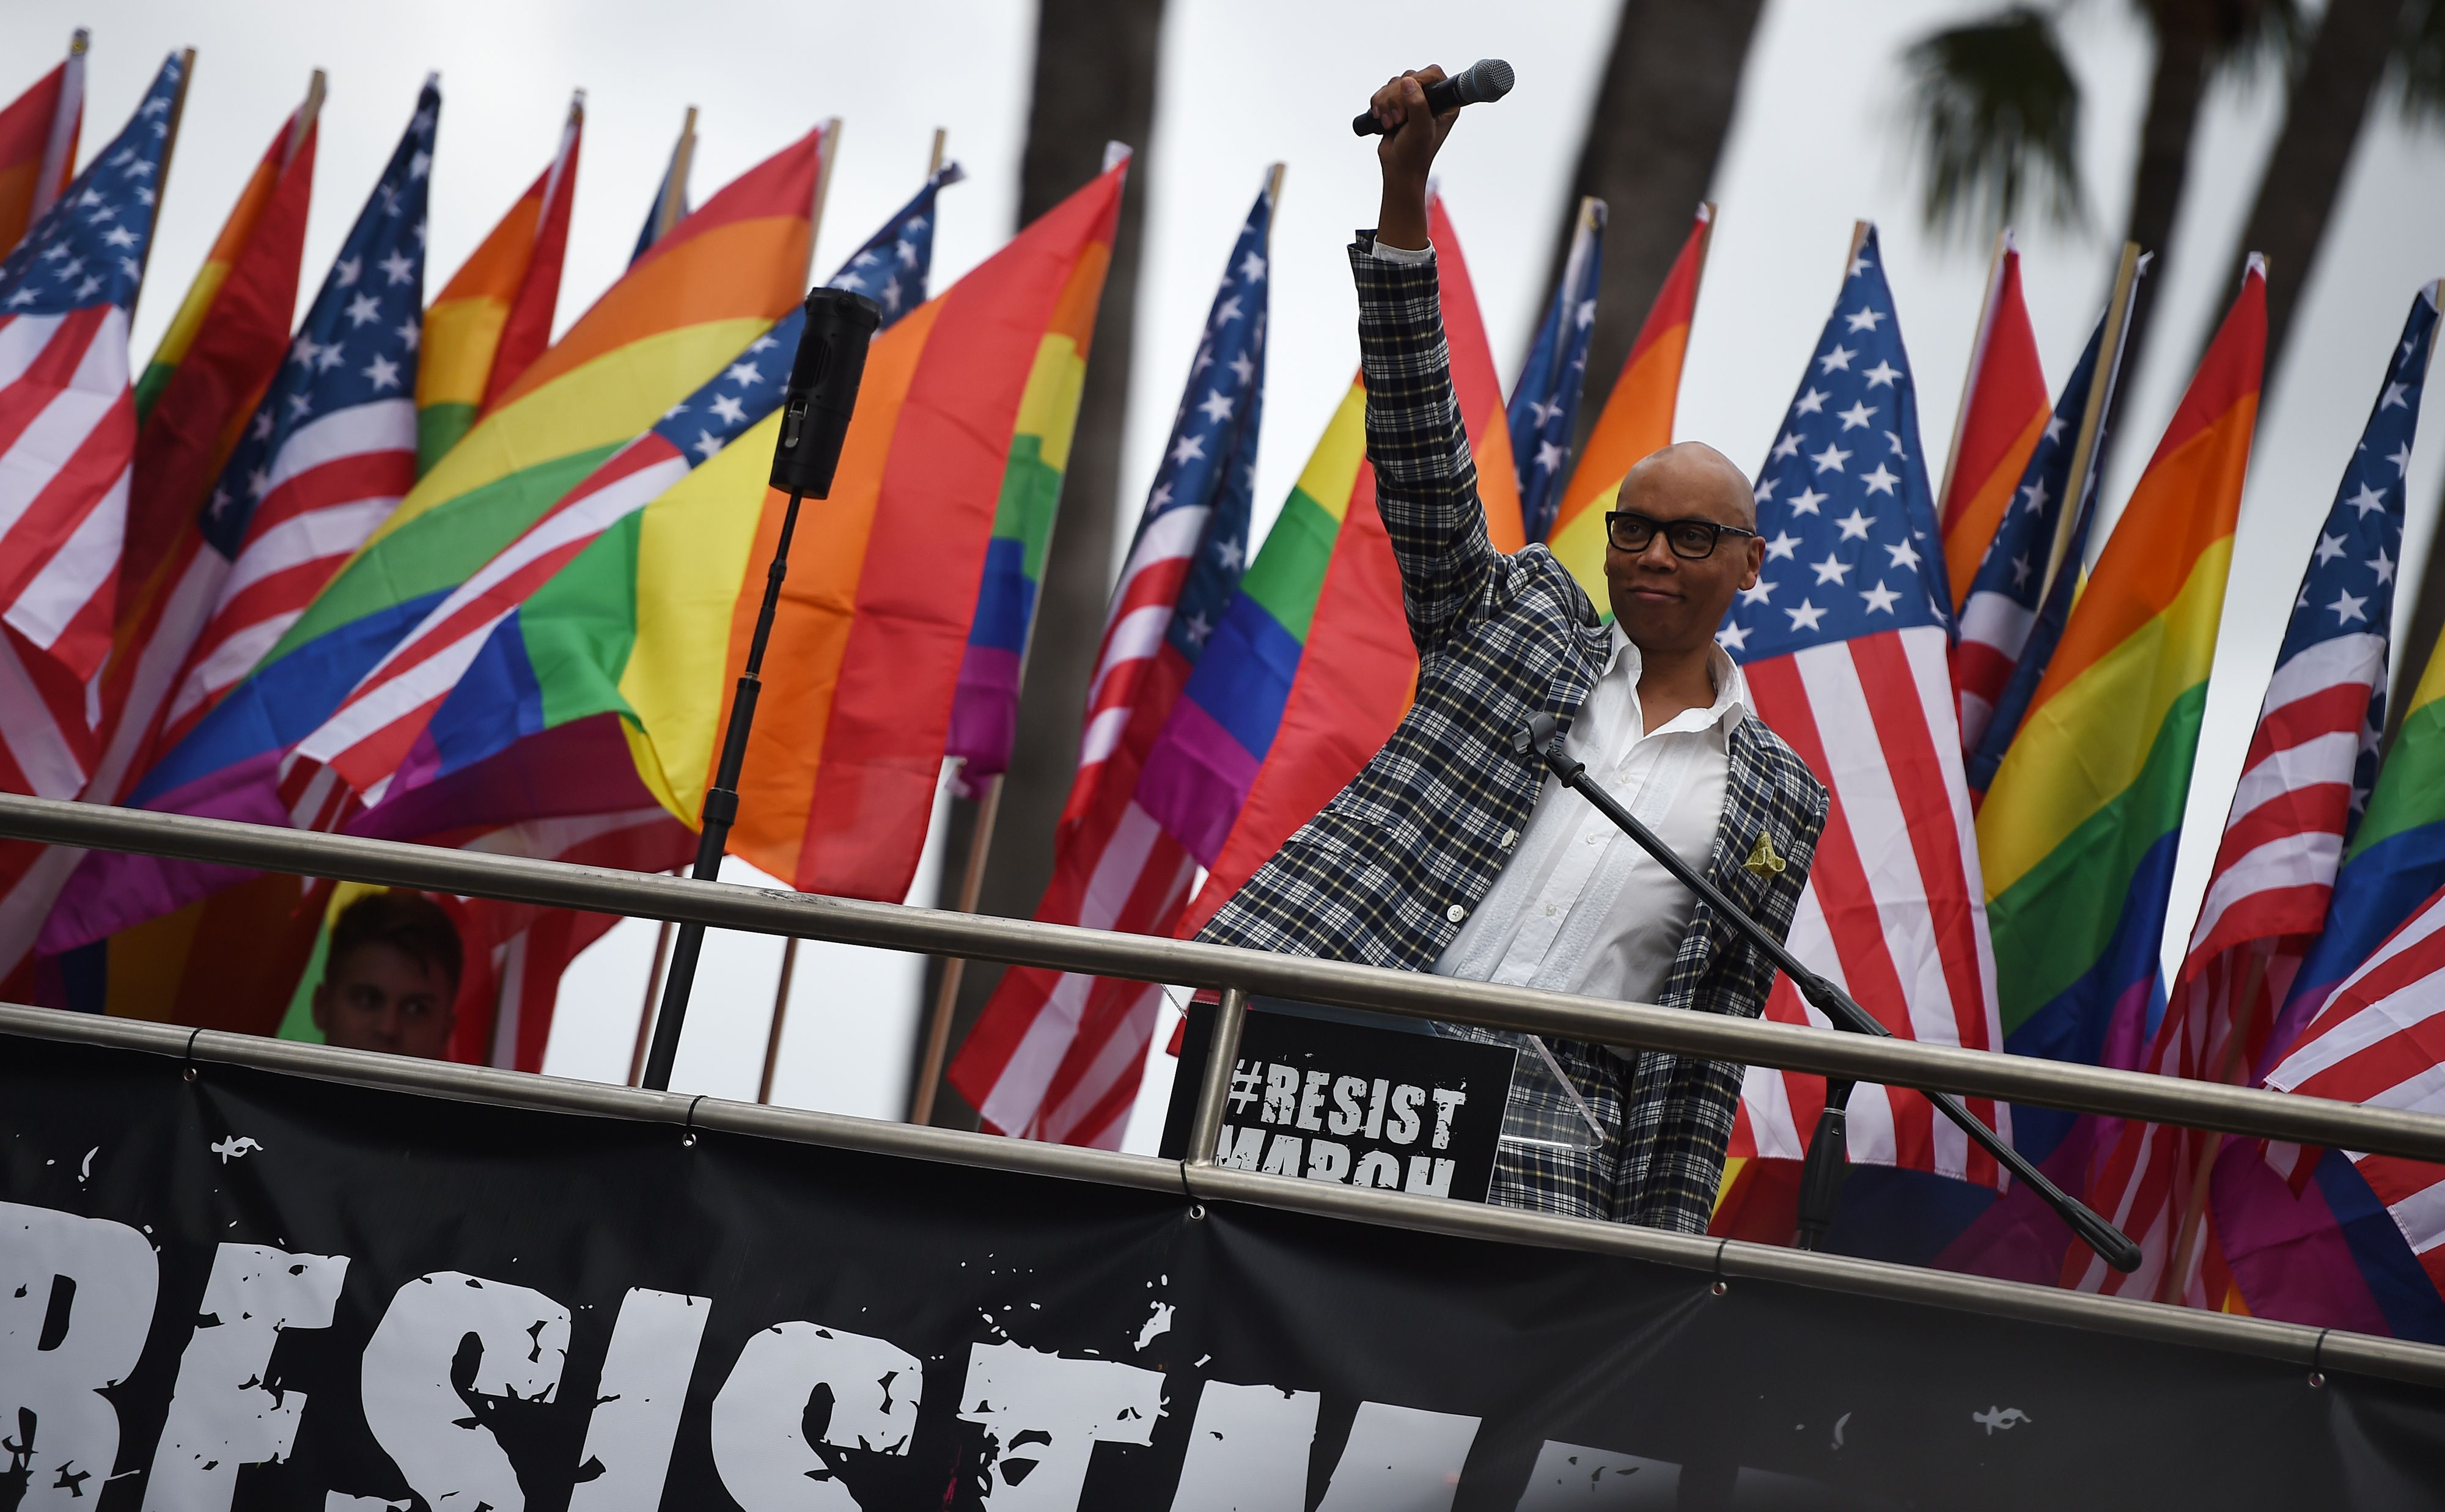 Ru Paul at the LA #ResistMarch in 2017 (Getty, TL)